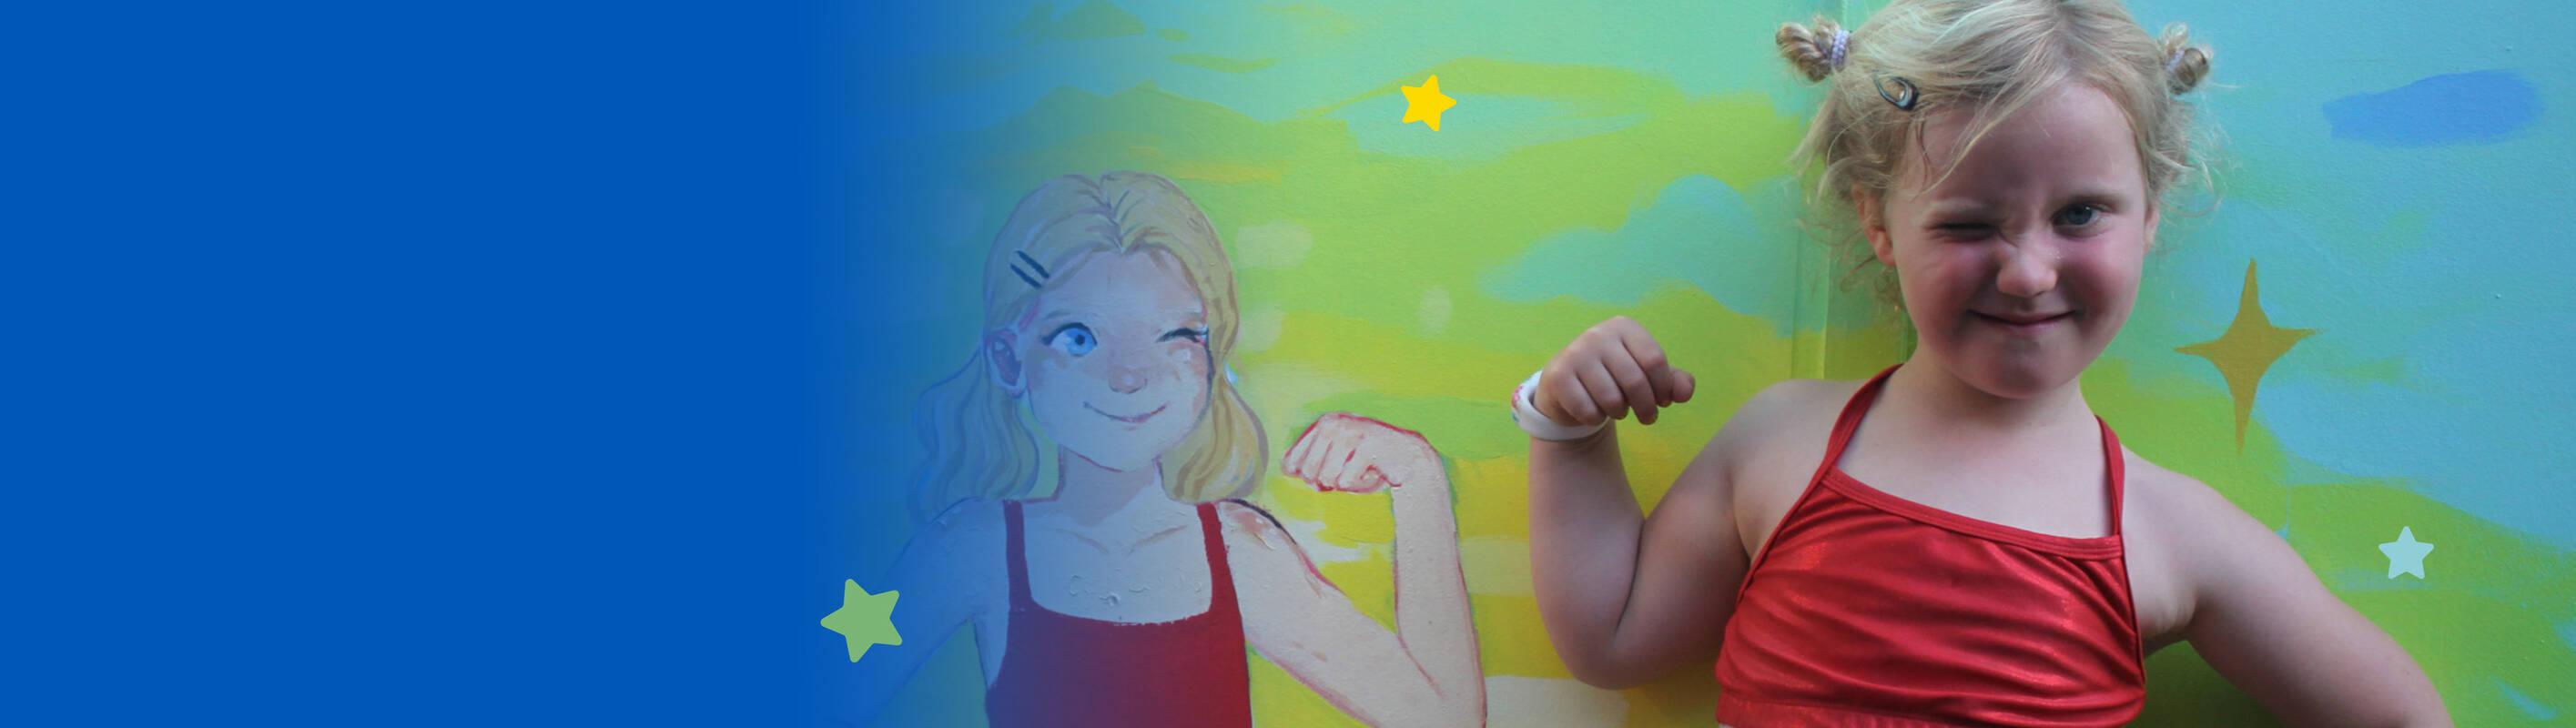 Make-A-Wish Australia wish kid Juniper in front of her ninja warrior inspired mural